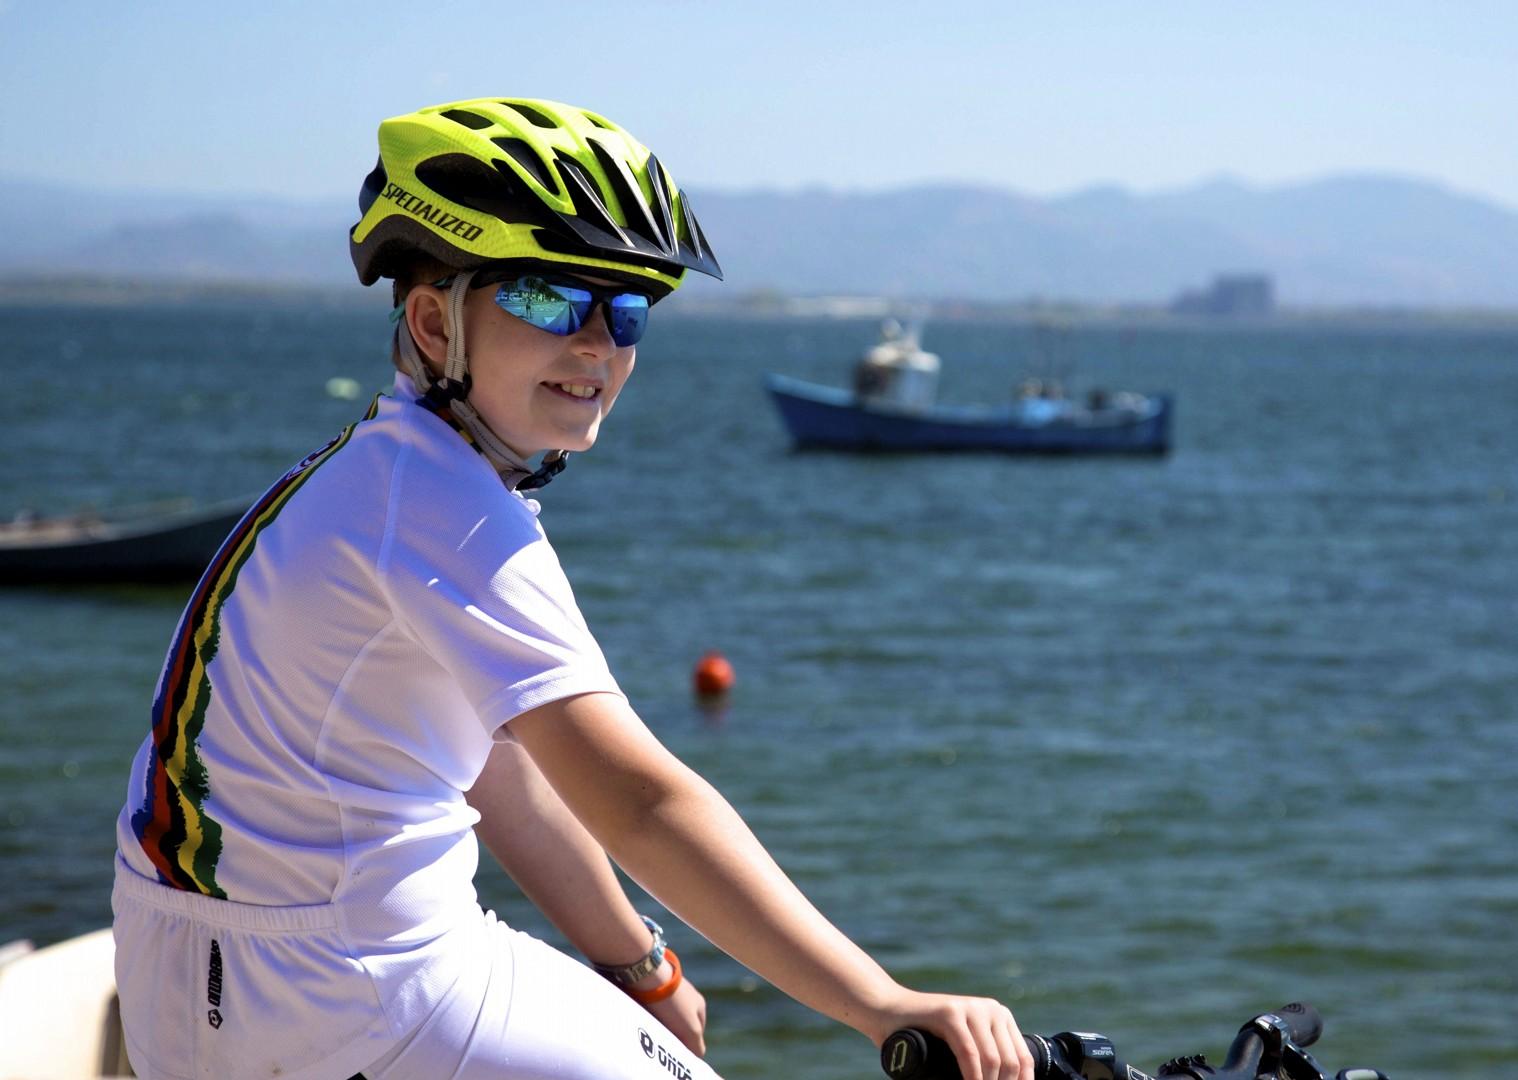 SardiniaCycling-106.jpg - Italy - Sardinia - Family Flavours - Guided Family Cycling Holiday - Family Cycling